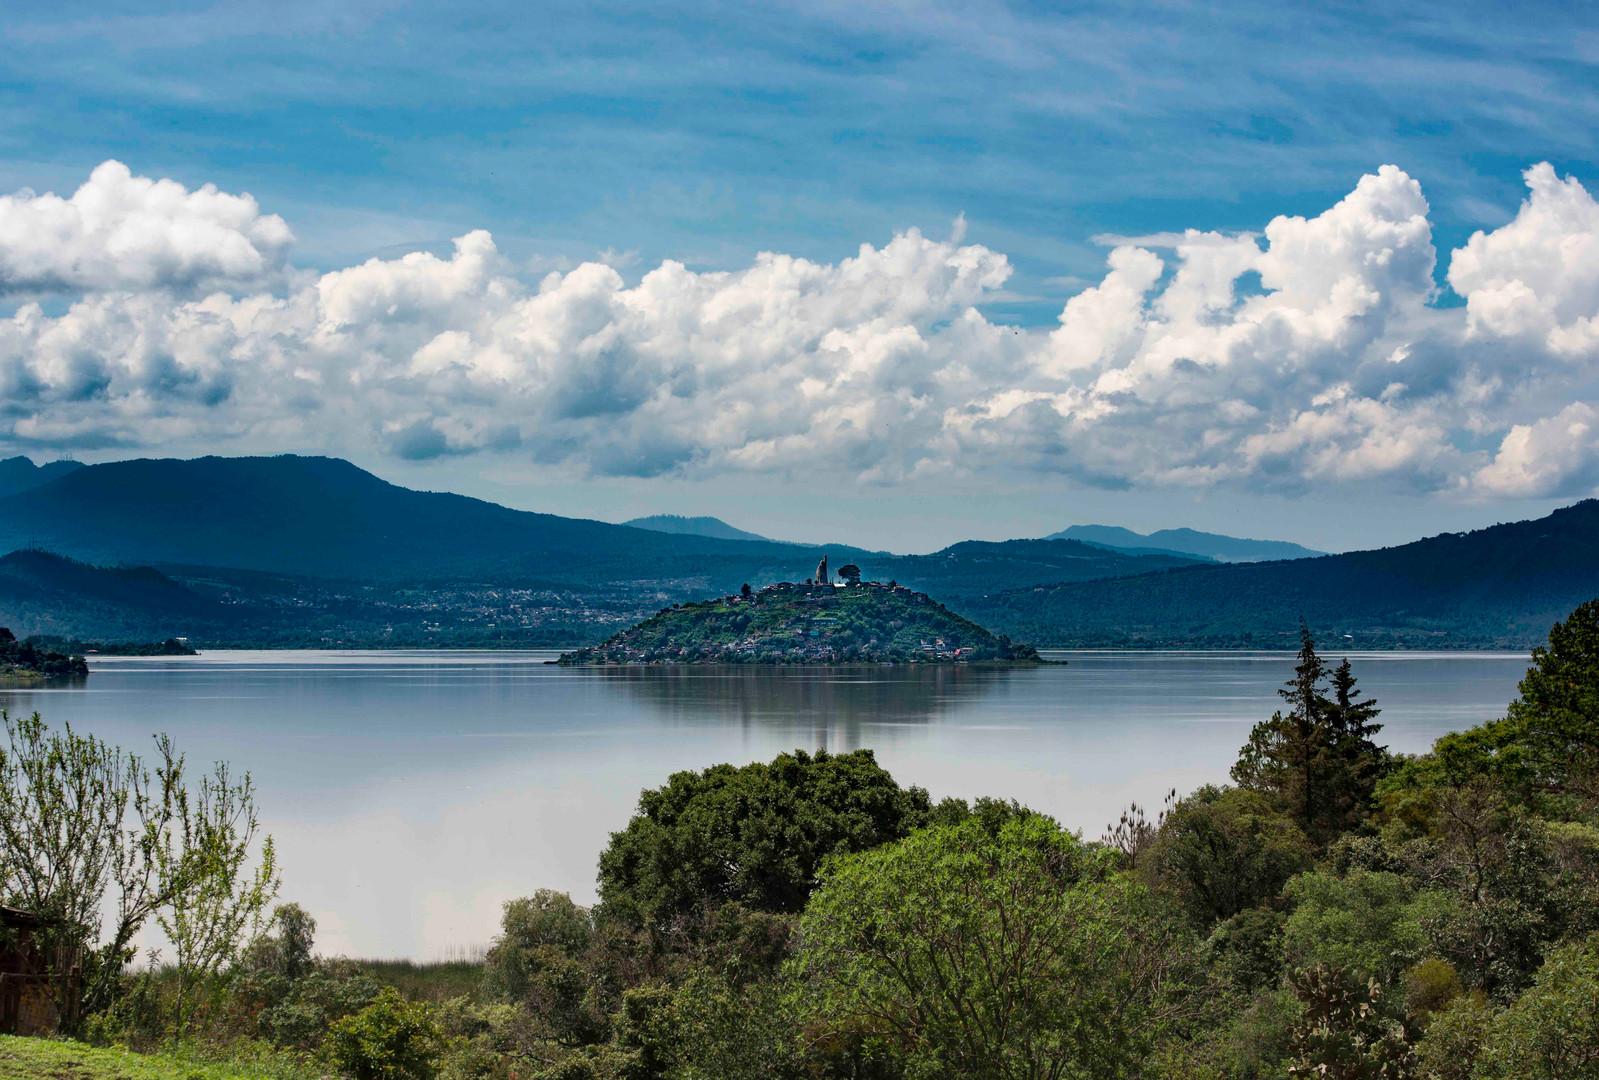 Lake Patzcuaro